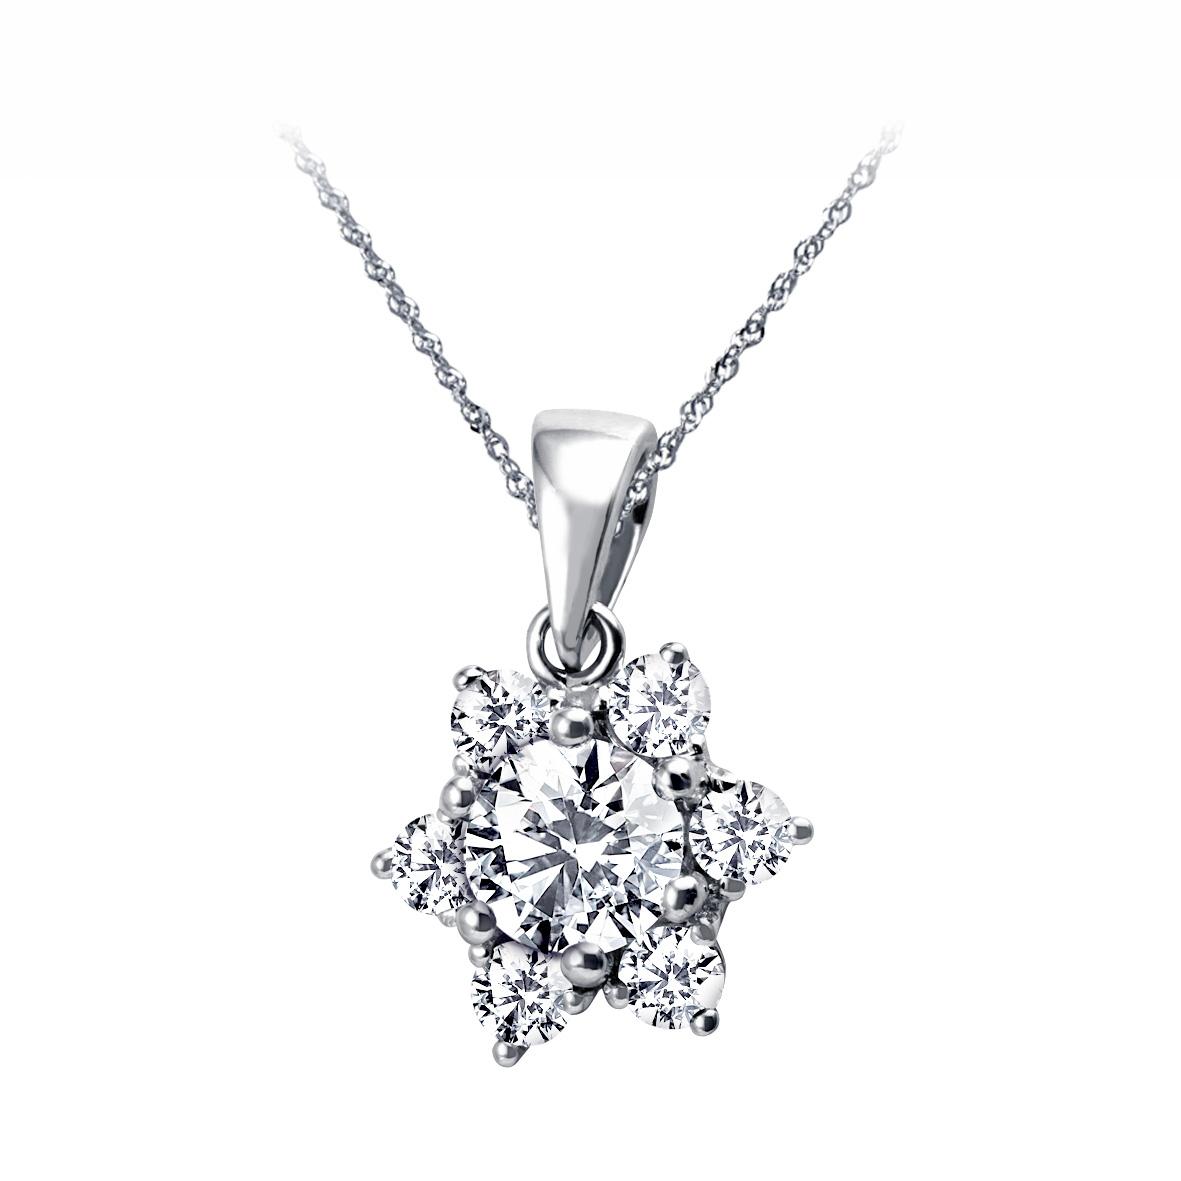 0.51克拉鑽石墜子